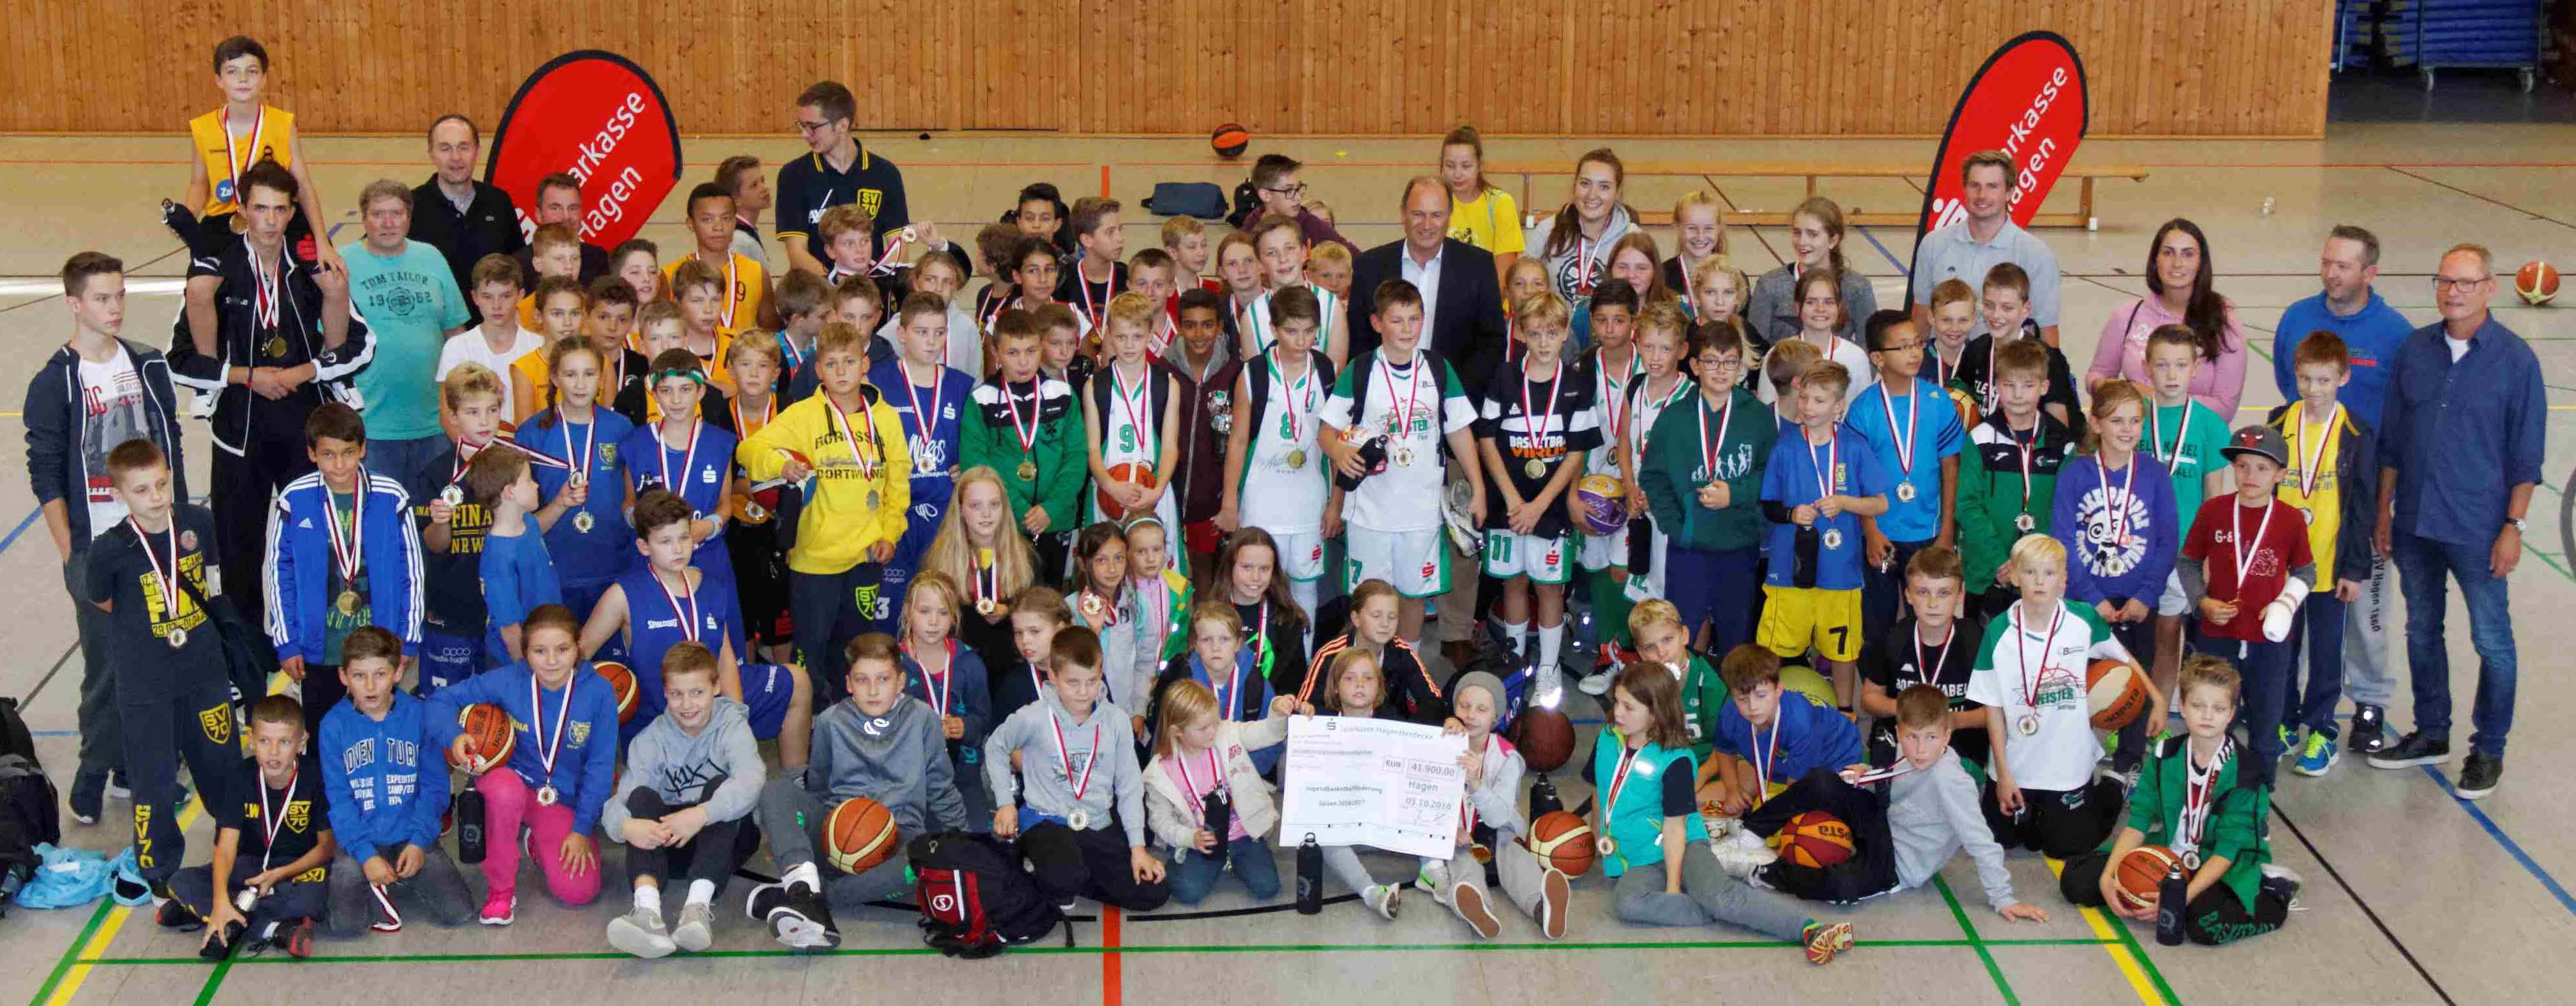 gruppenbild-sparkassen-cup-2016